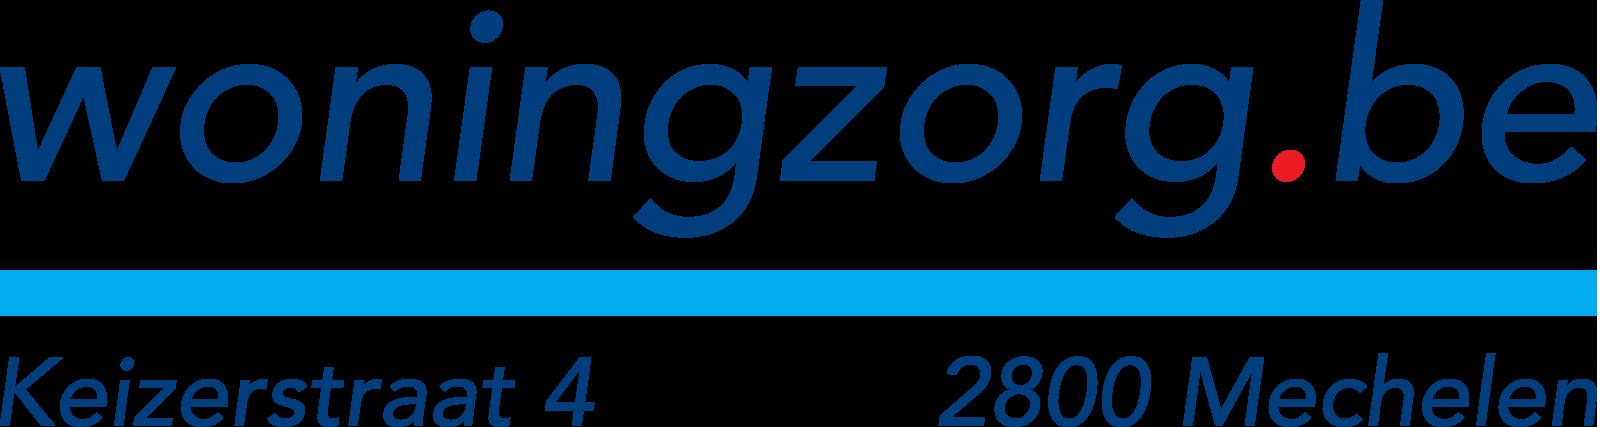 Woningzorg